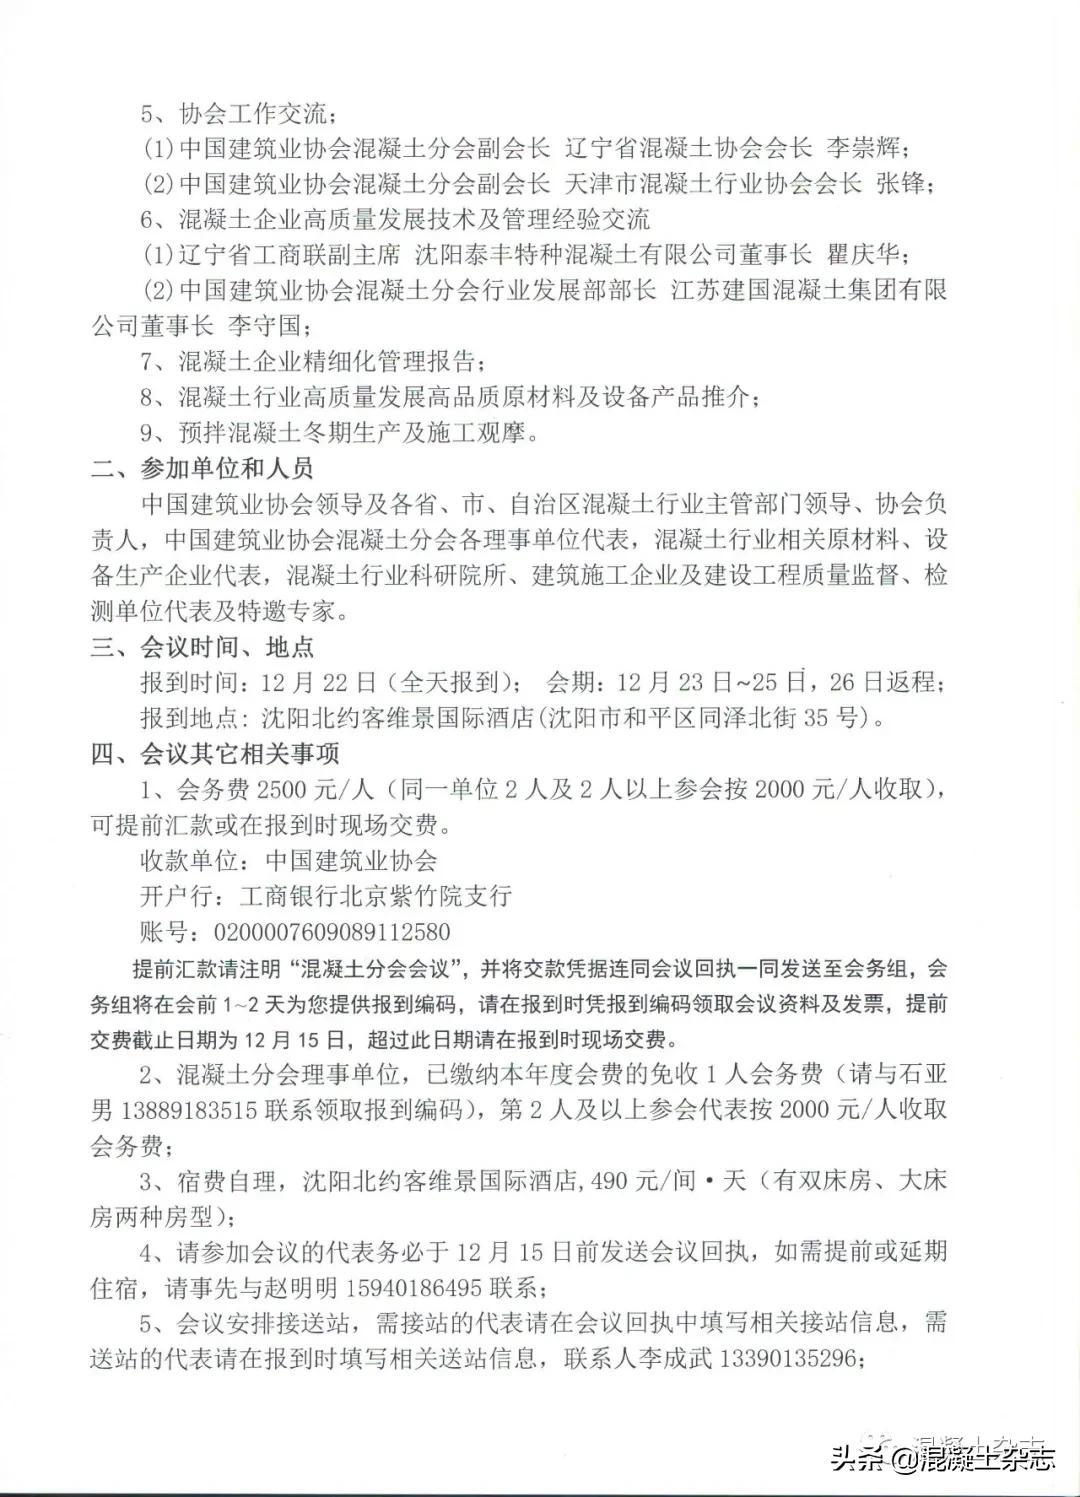 2020年中国混凝土高质量发展交流会的通知